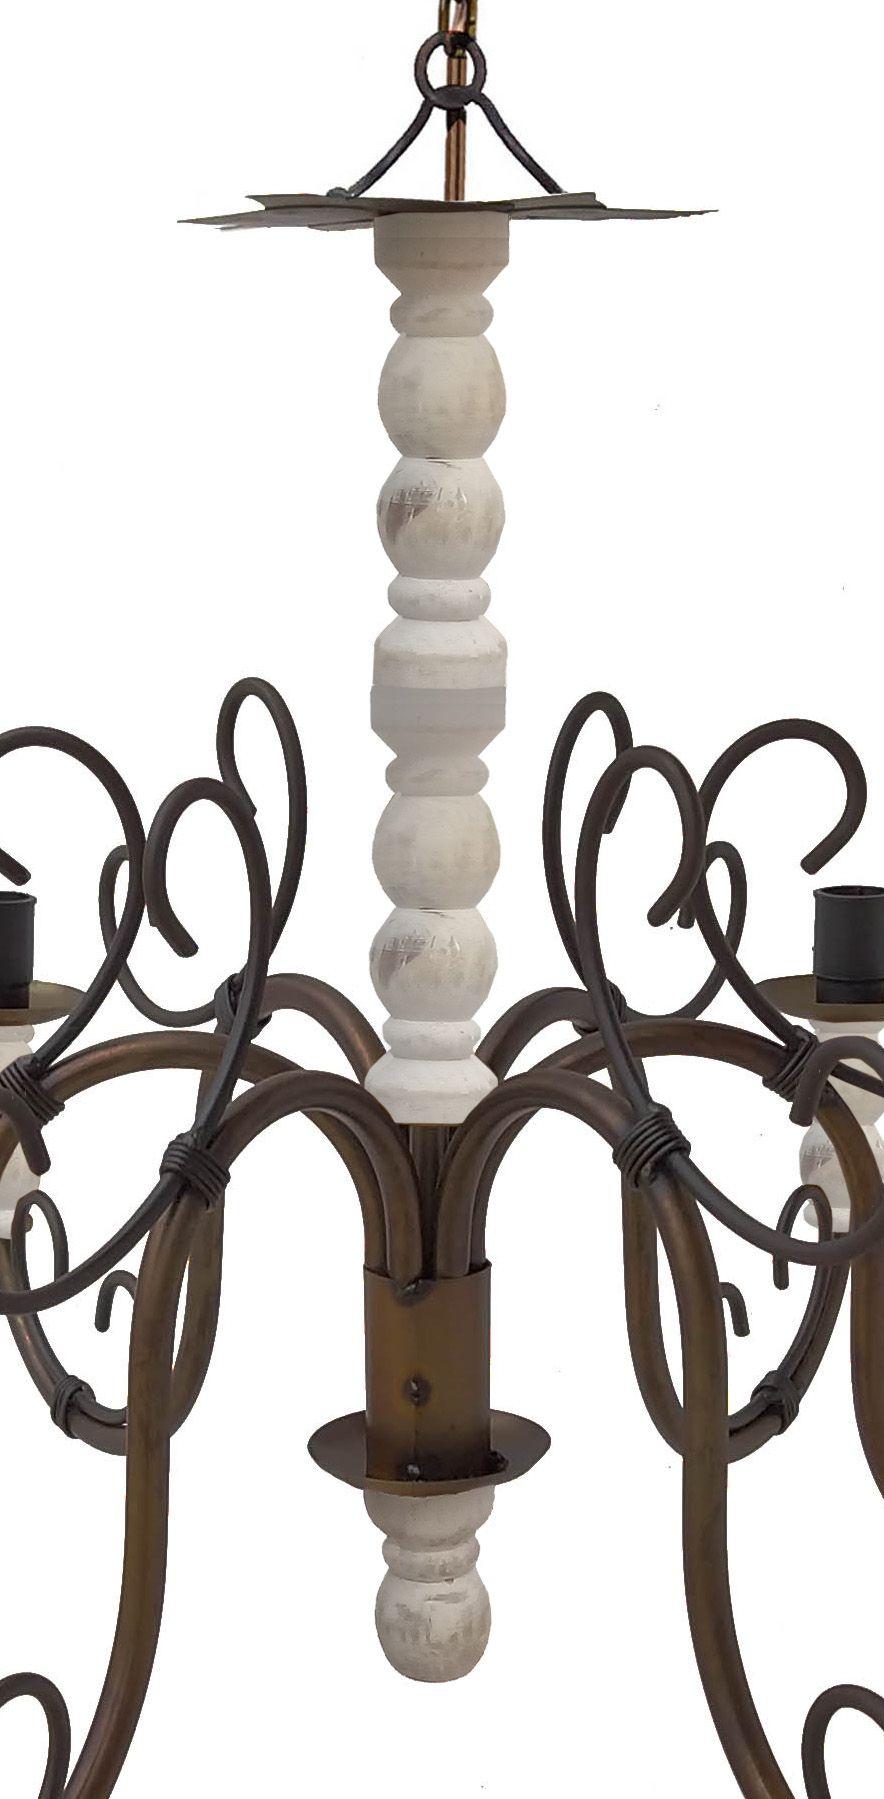 Luminária Decorativa Rustica para Sala de Jantar Grande com Madeira